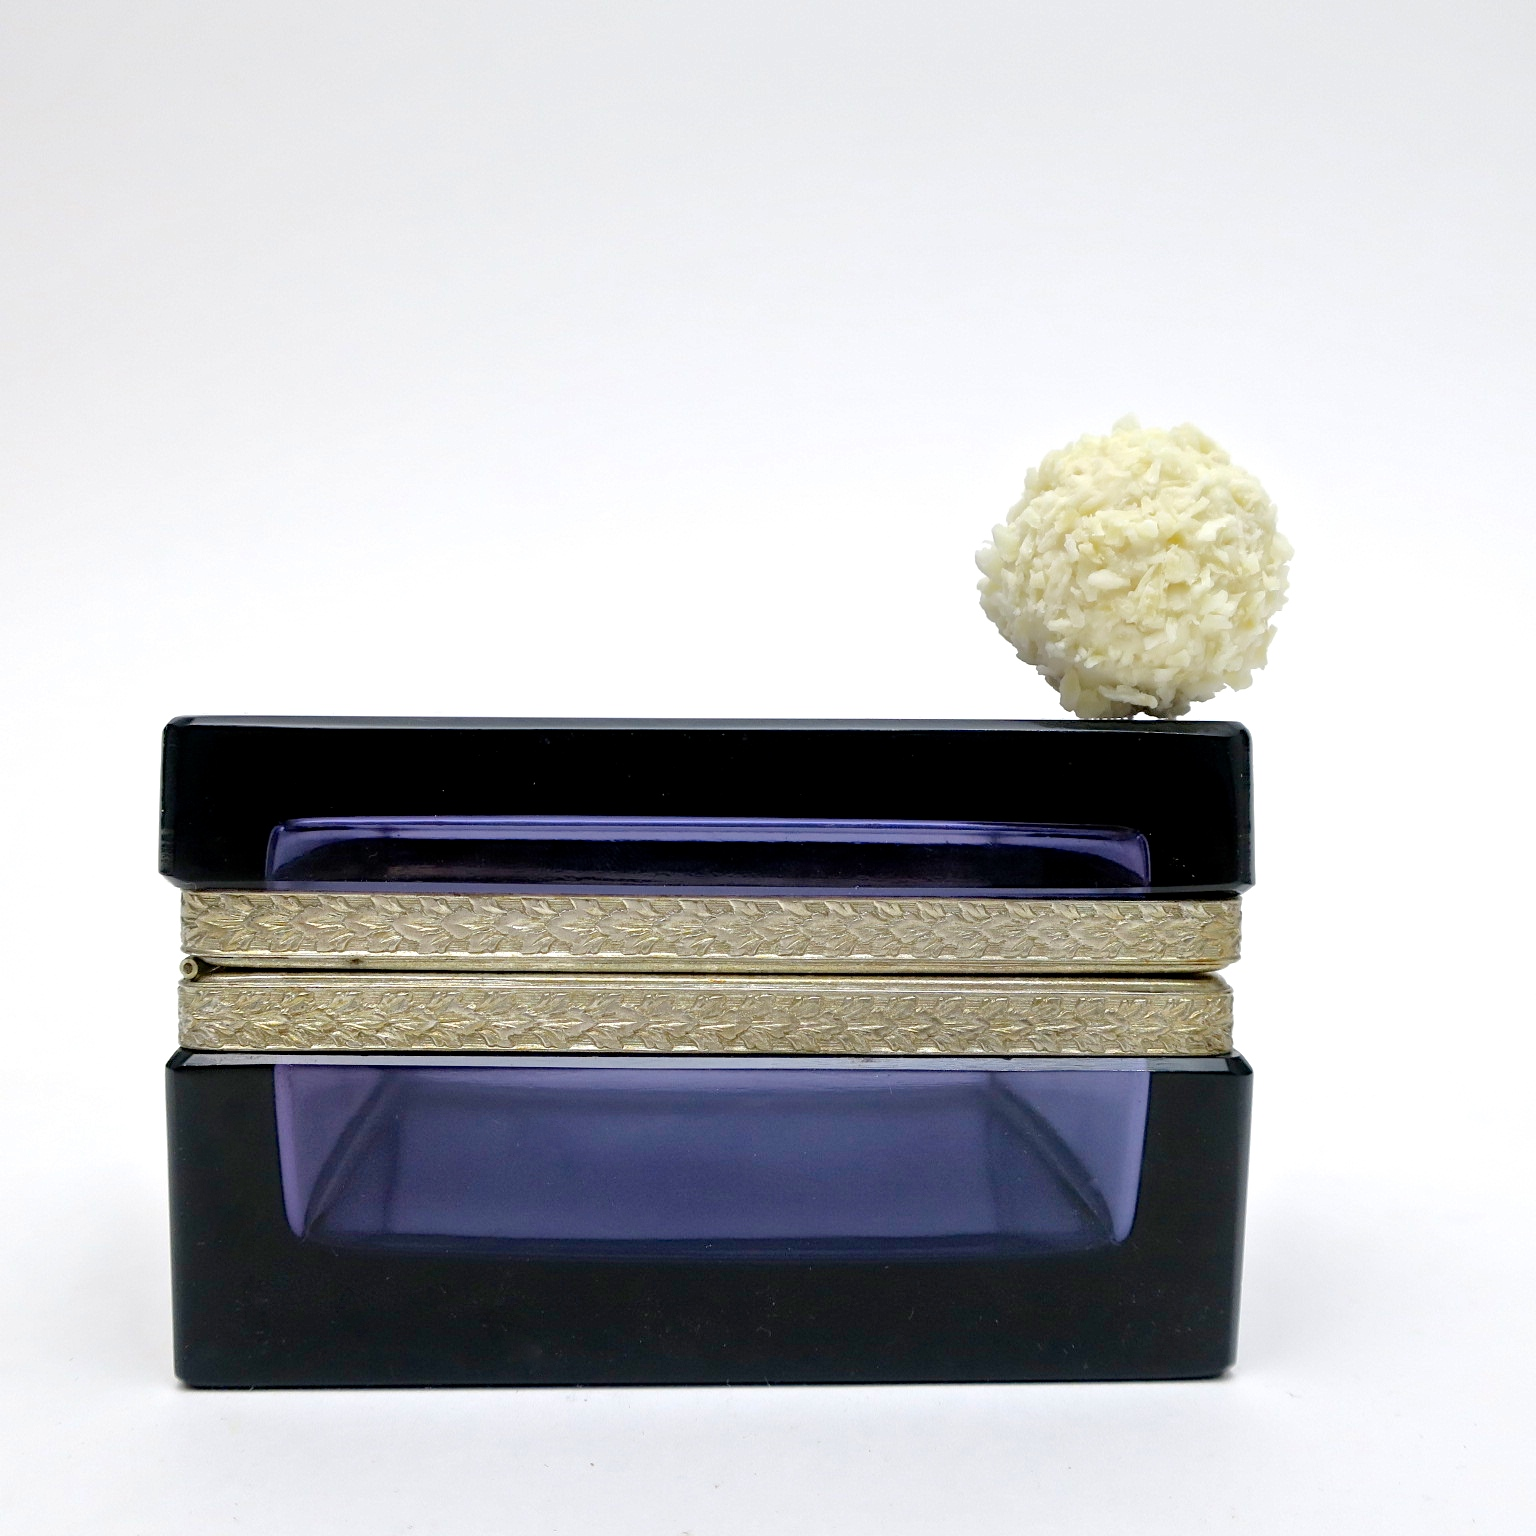 raffaelo trinket box ormolu geschenk hochzeitsgeschenk kaufmuseum murano midmod midcentury noble design interior  glasdose box deckeldose inneneinrichtung purpur amethyst